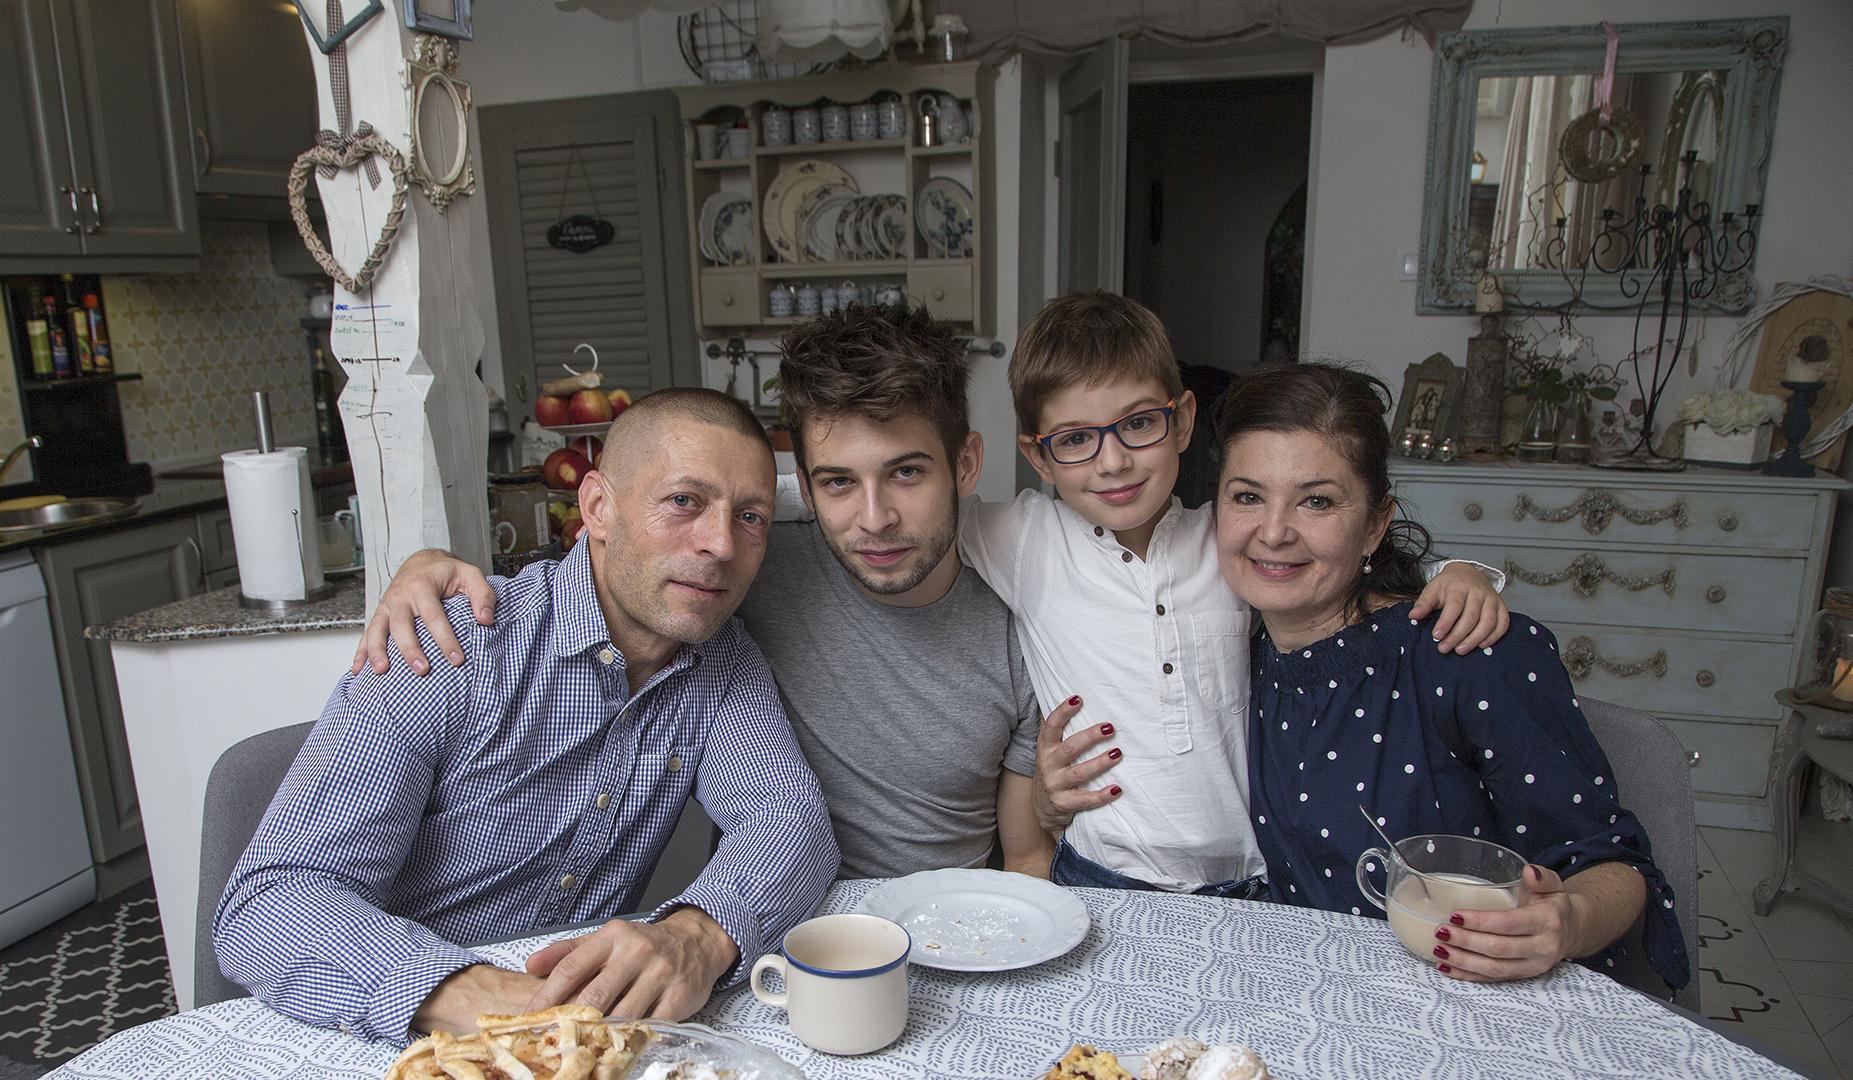 honvágy kmetyó család németország papp noémi kmetyó lászló